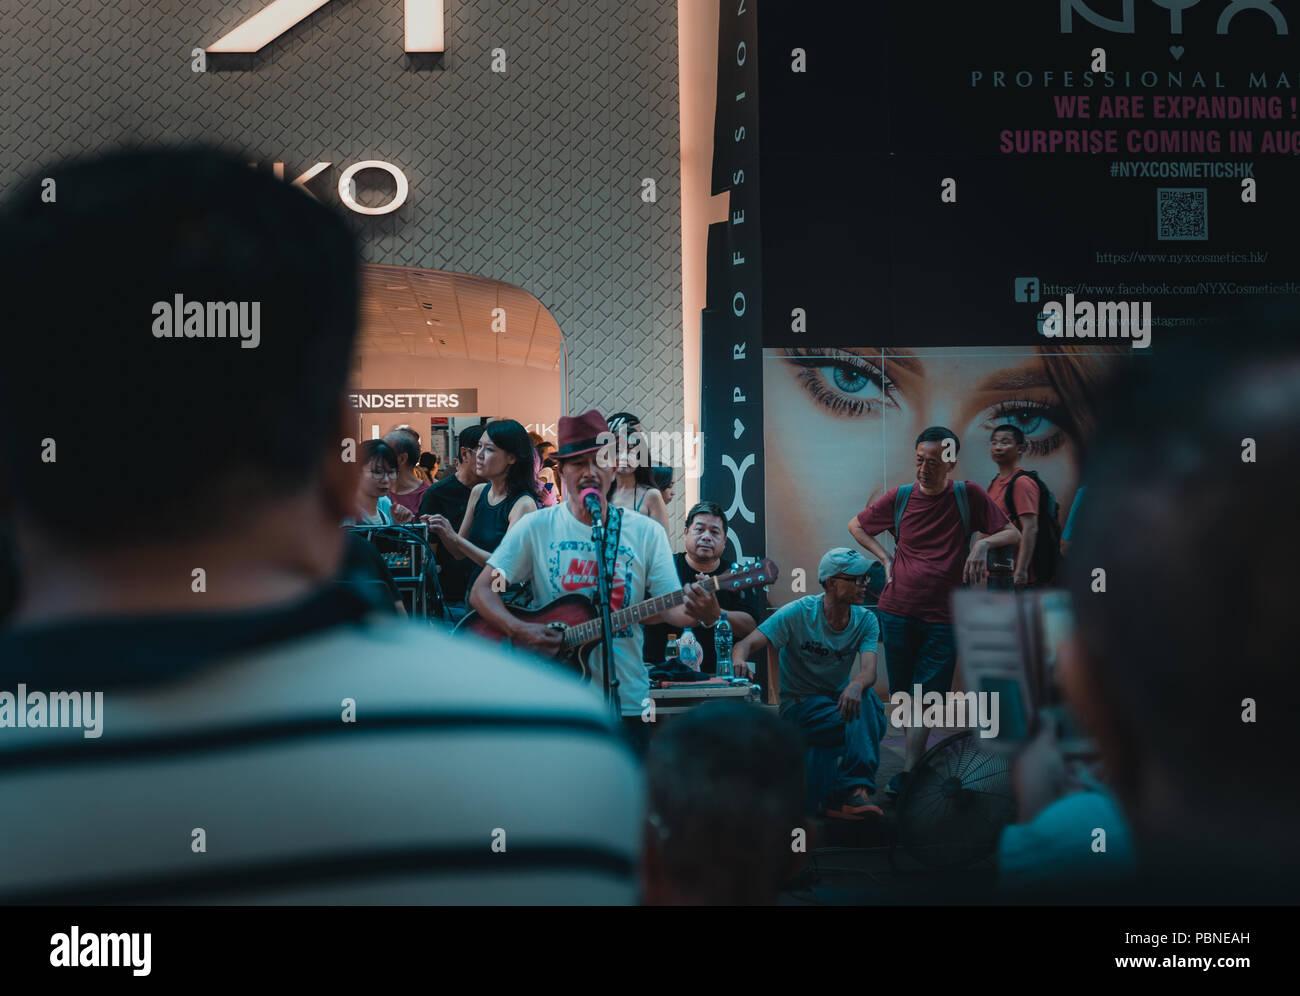 El 28 de julio de 2018, Hong Kong: Mong Kok cultura callejera. La gente ve un músico de calle performance en Sai Yeung Choi Street, Mongkok en Hong Kong. Imagen De Stock